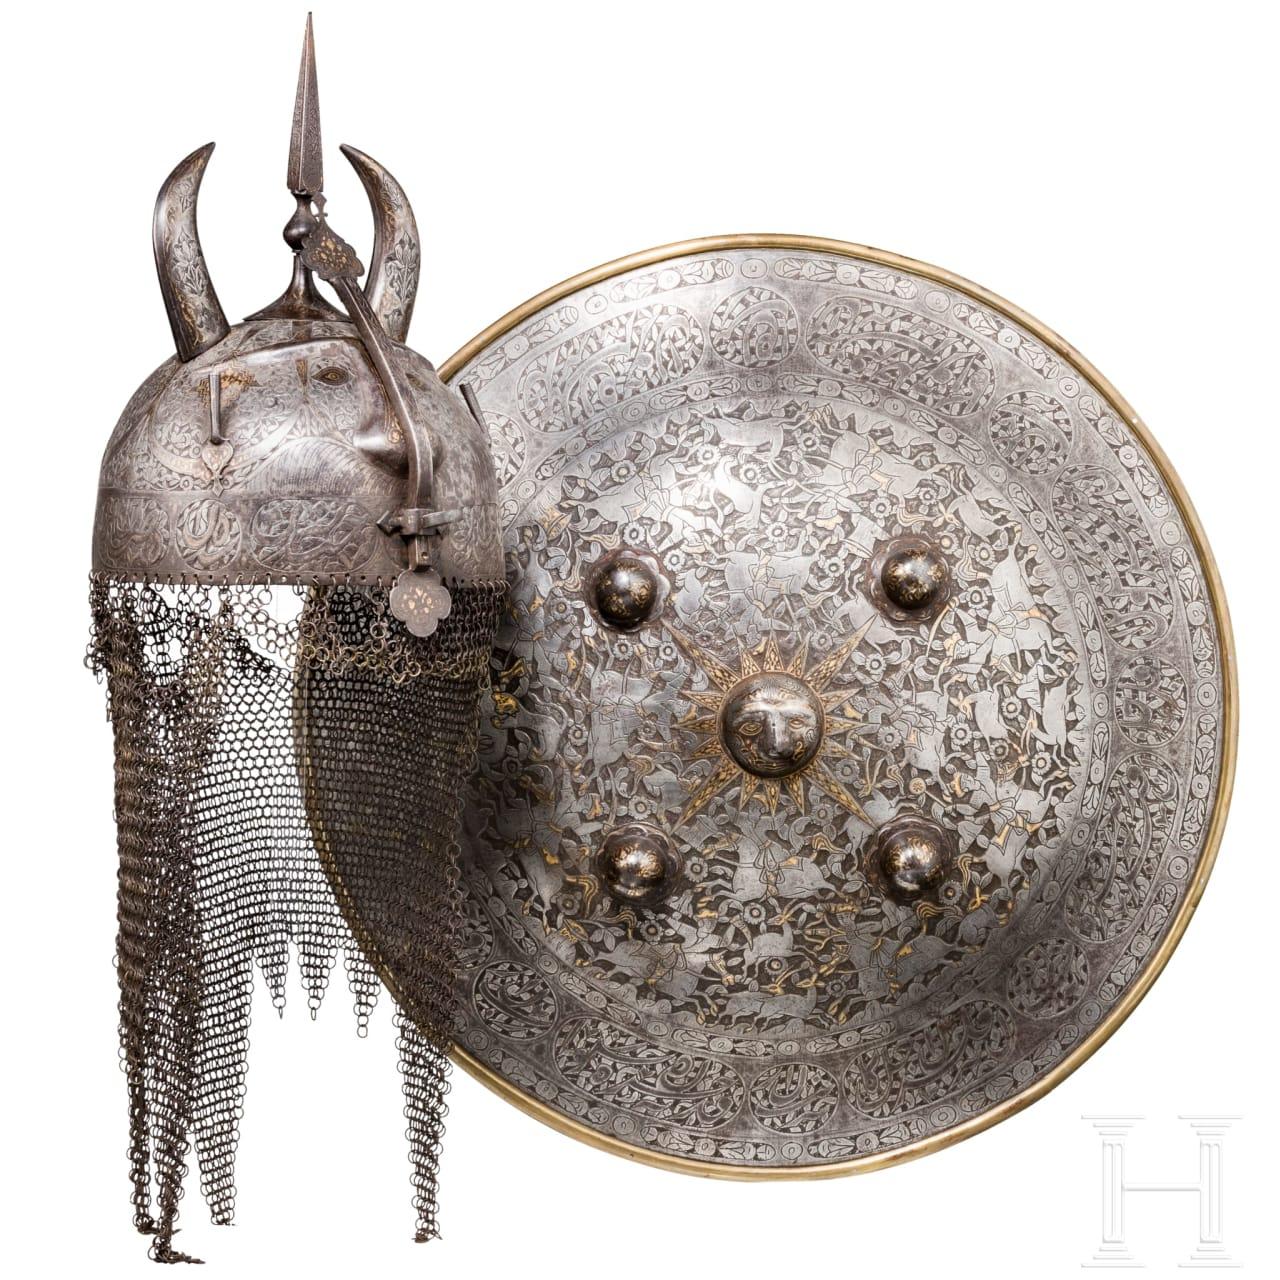 A Persian kulah khud and a shield, 19th century